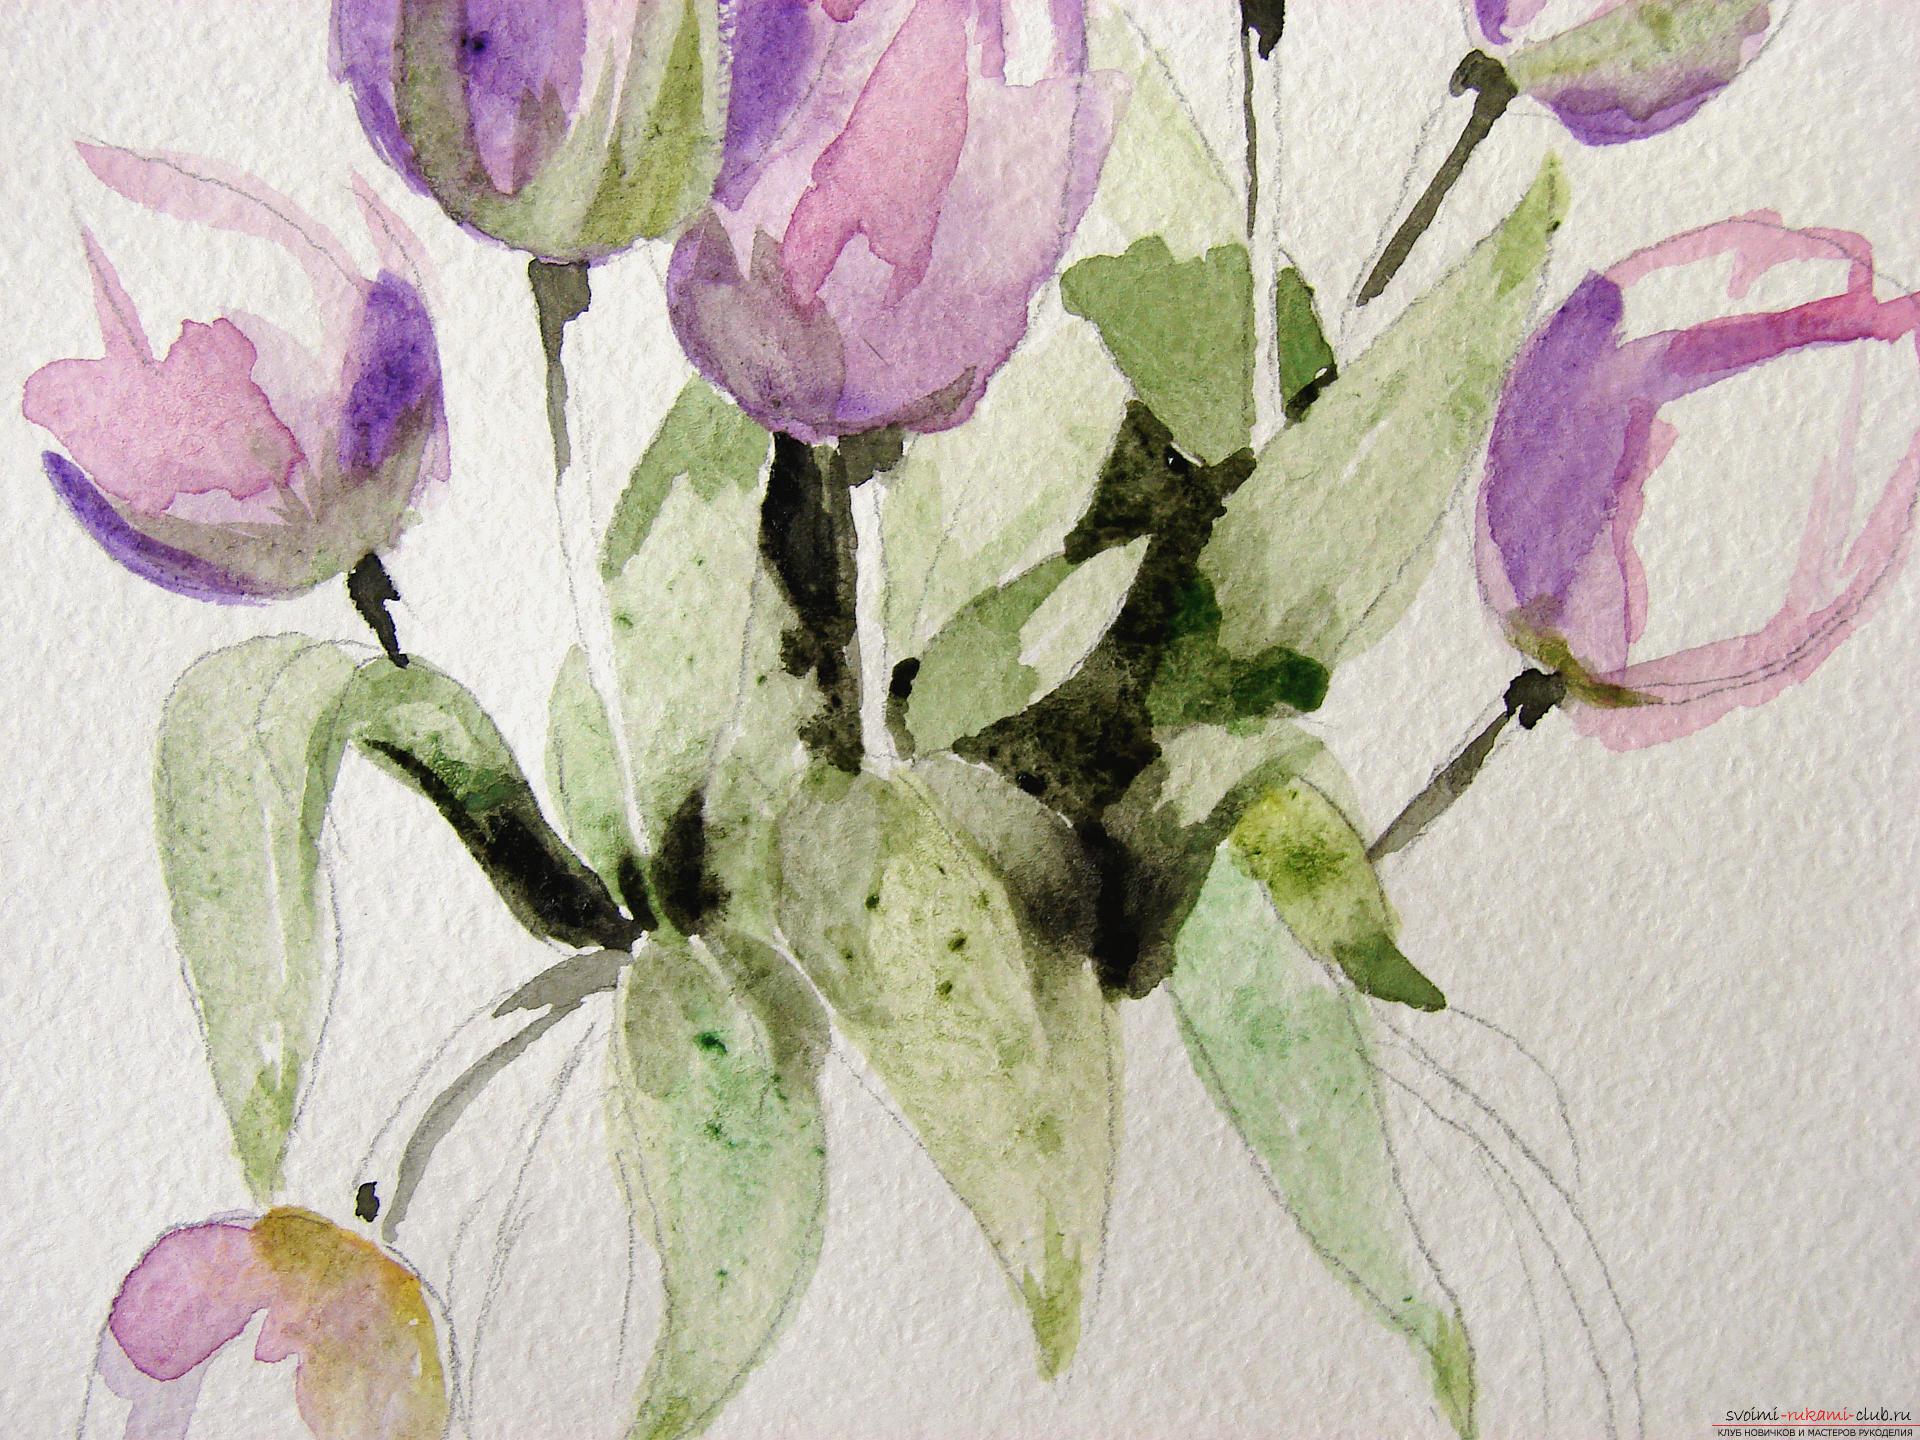 Мастер-класс по рисованию с фото научит как нарисовать цветы, подробно описав как рисуются тюльпаны поэтапно.. Фото №9